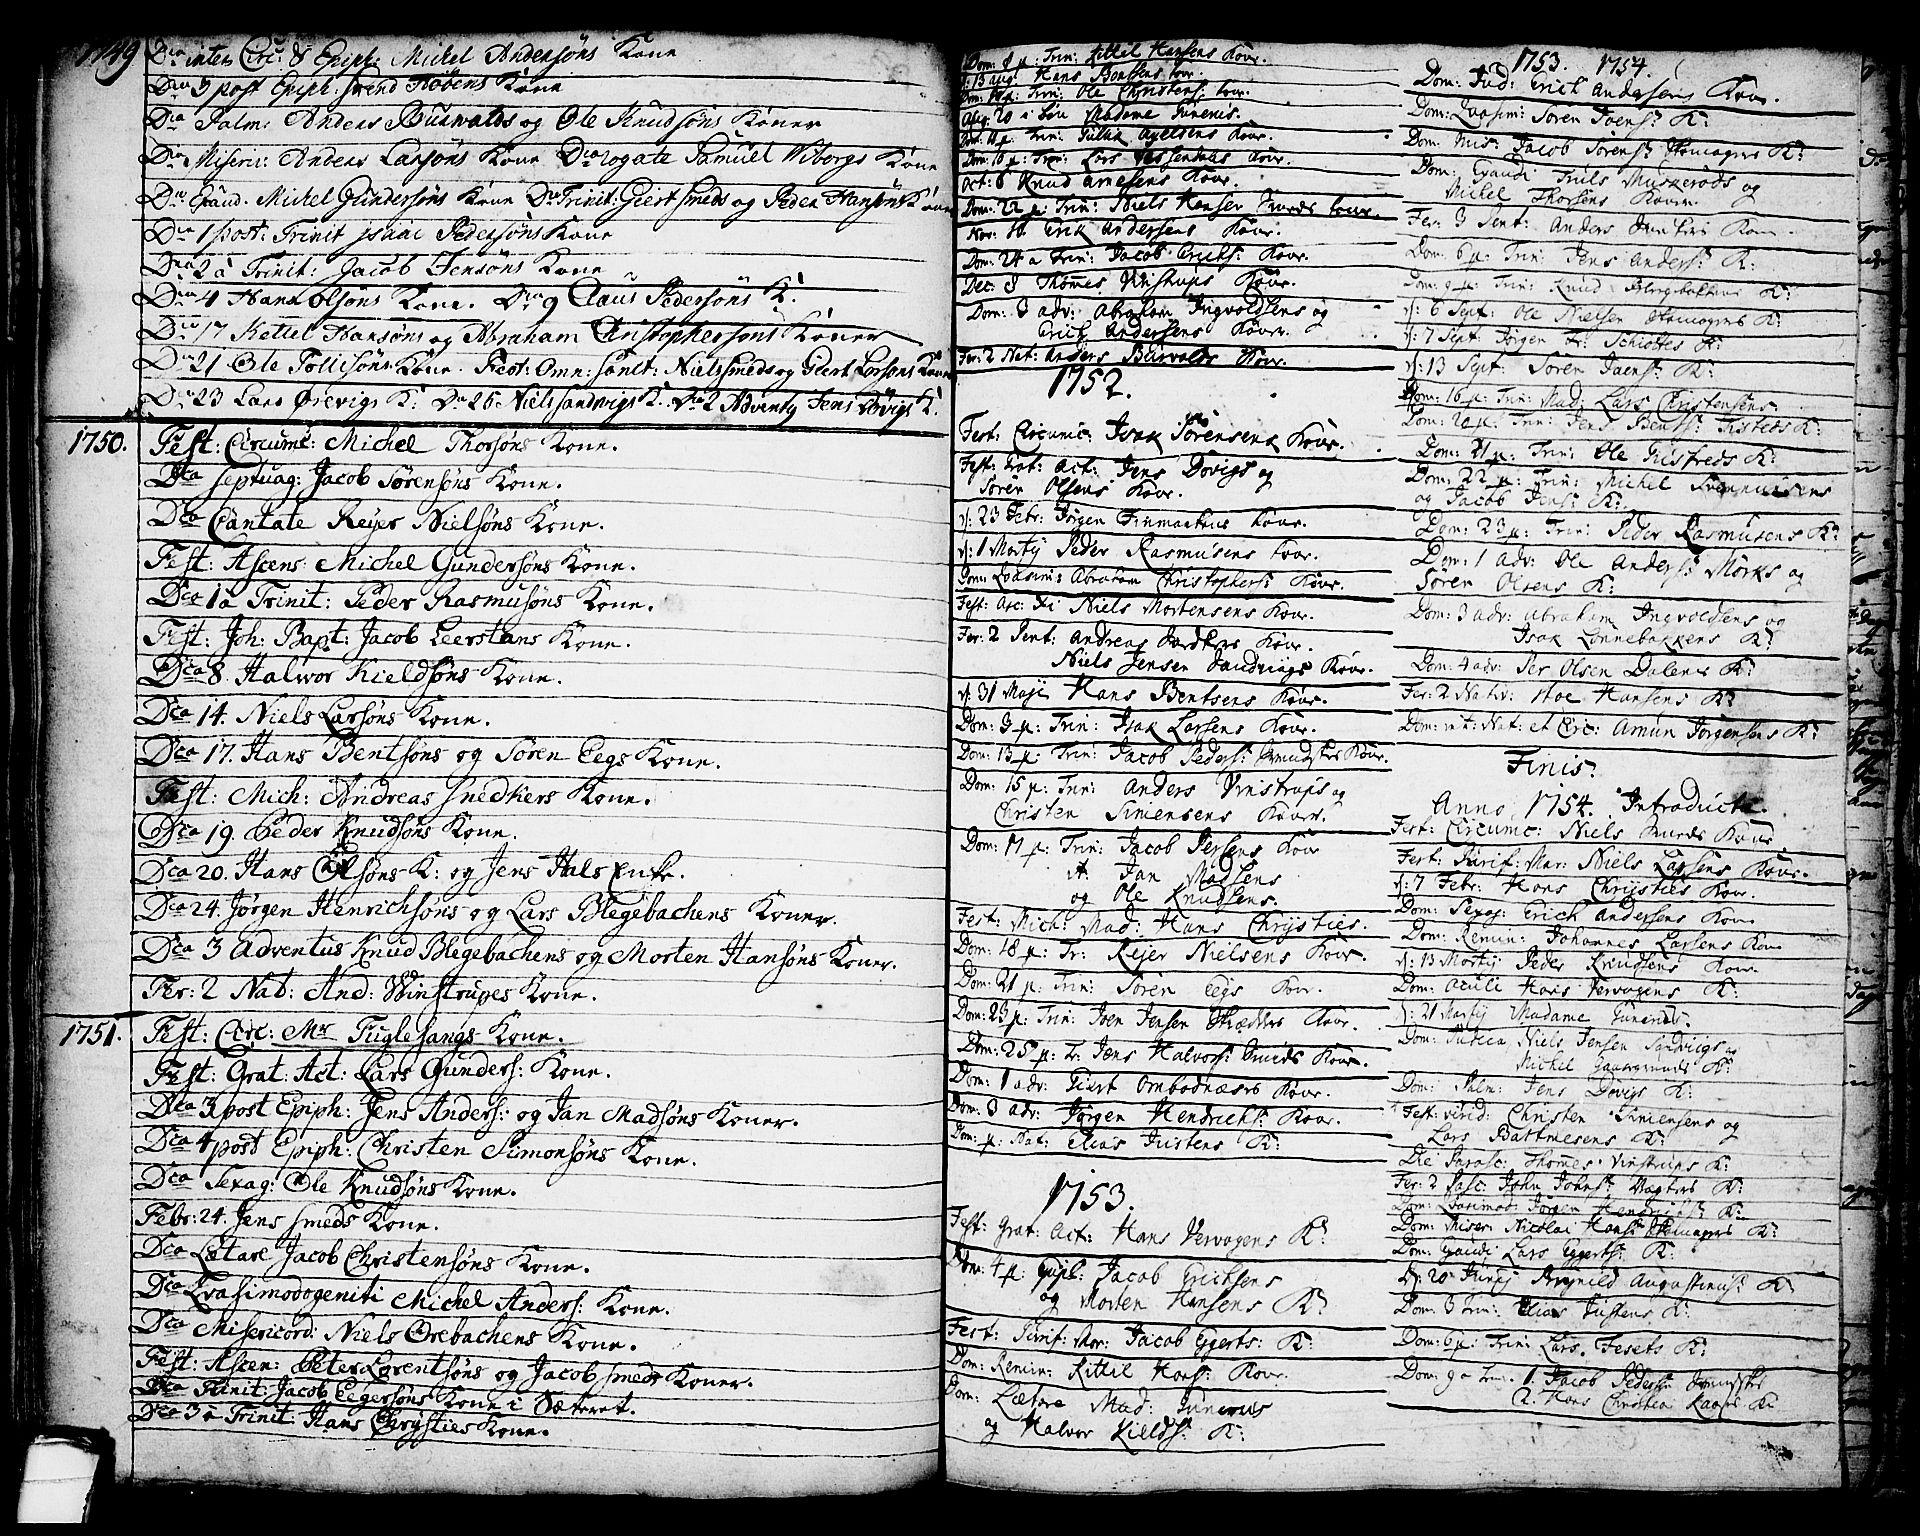 SAKO, Brevik kirkebøker, F/Fa/L0002: Ministerialbok nr. 2, 1720-1764, s. 47b